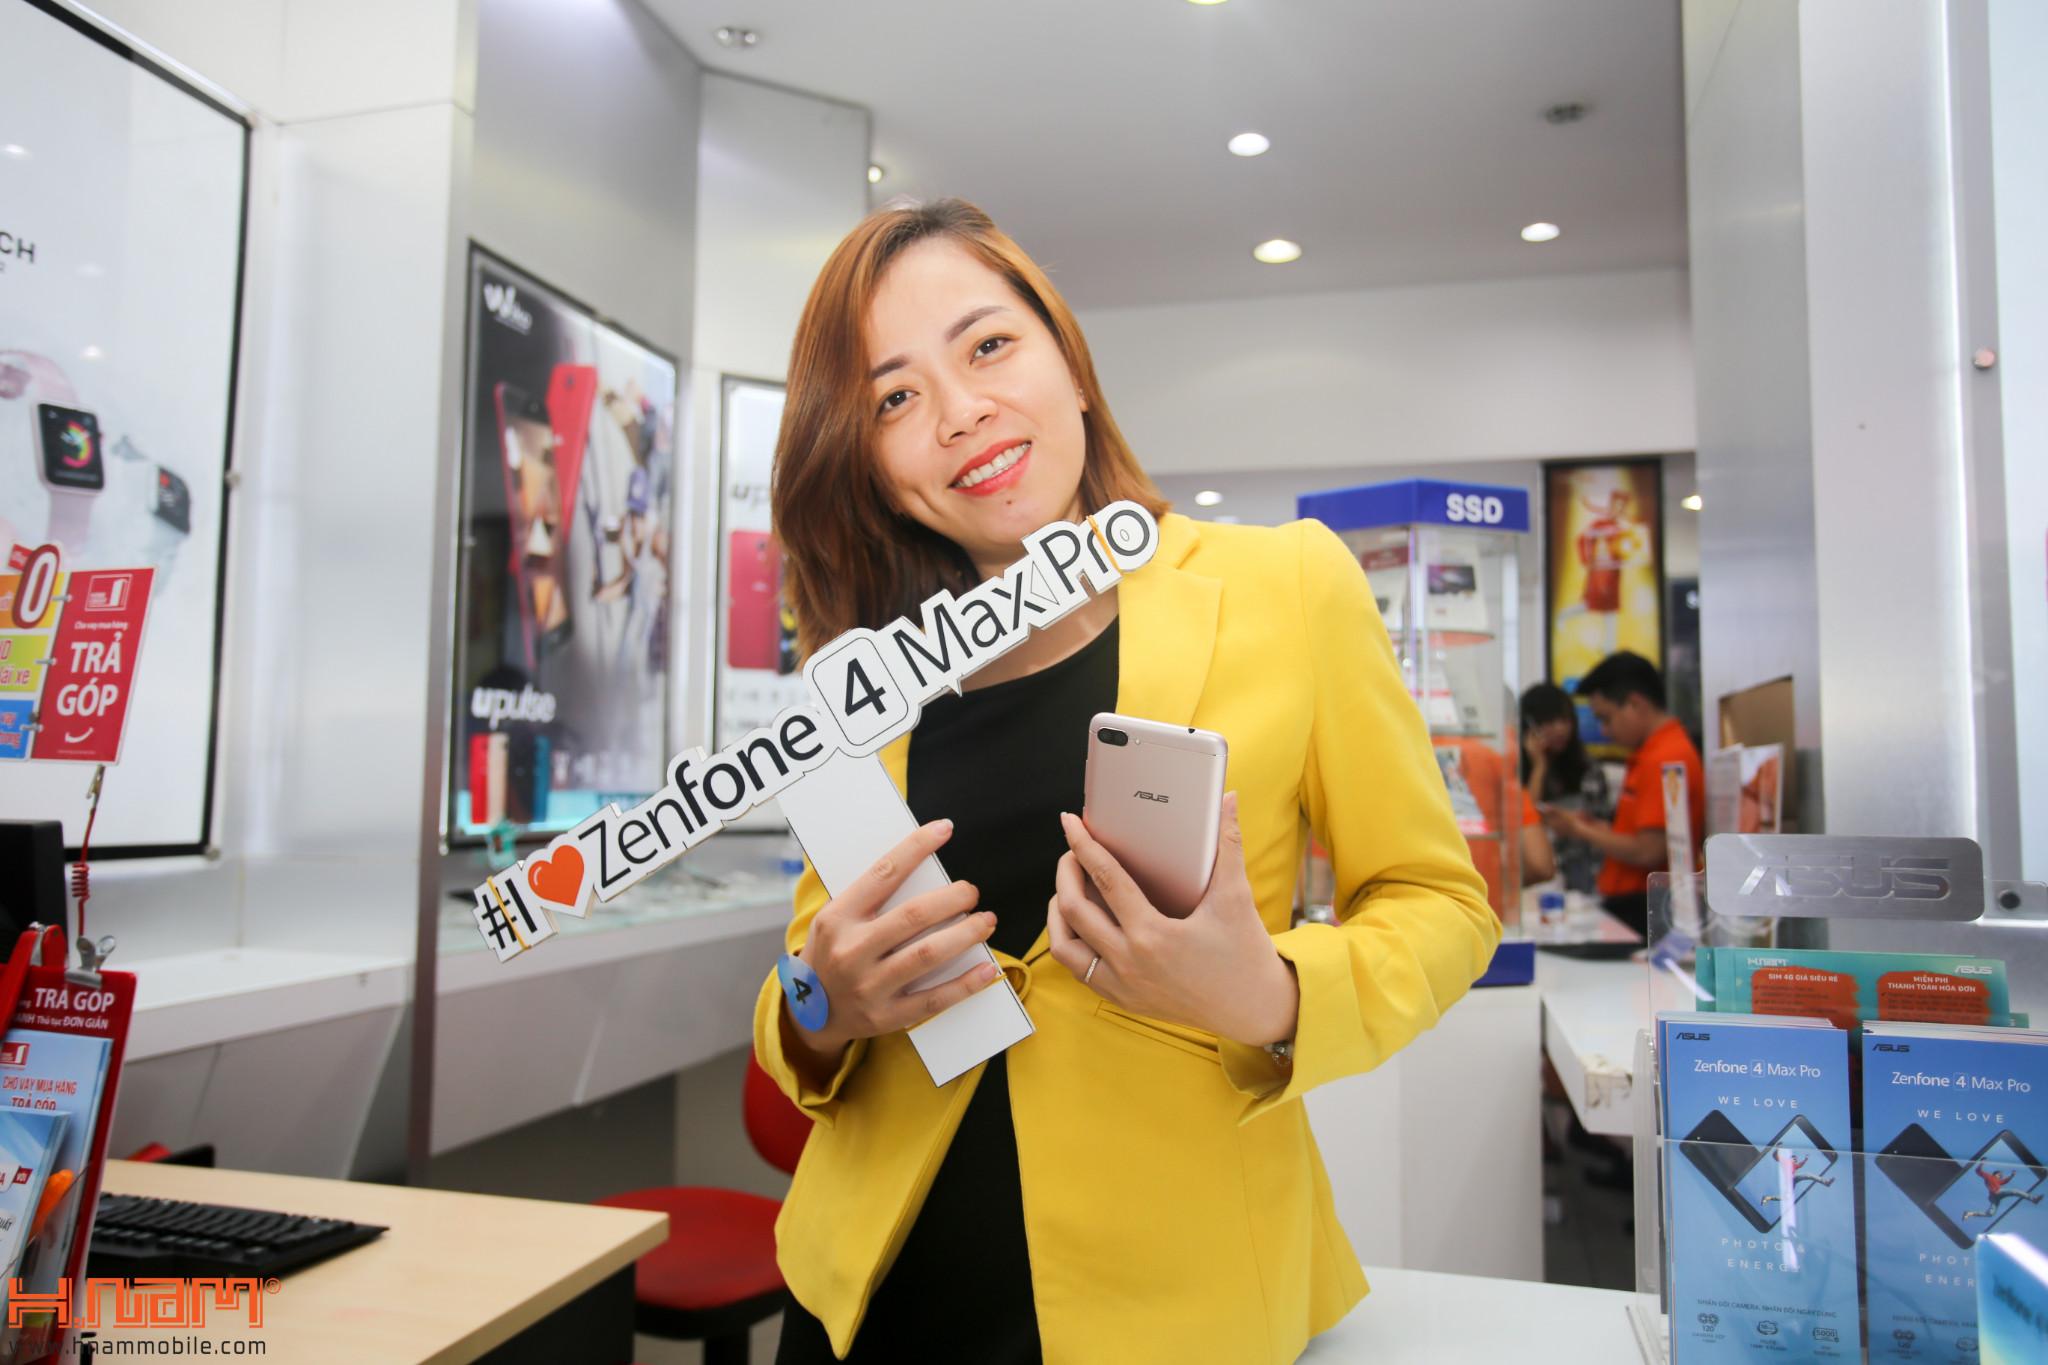 Mở bán ZenFone 4 Max Pro: Quà hơn 2 triệu, cơ hội trúng laptop hình 1